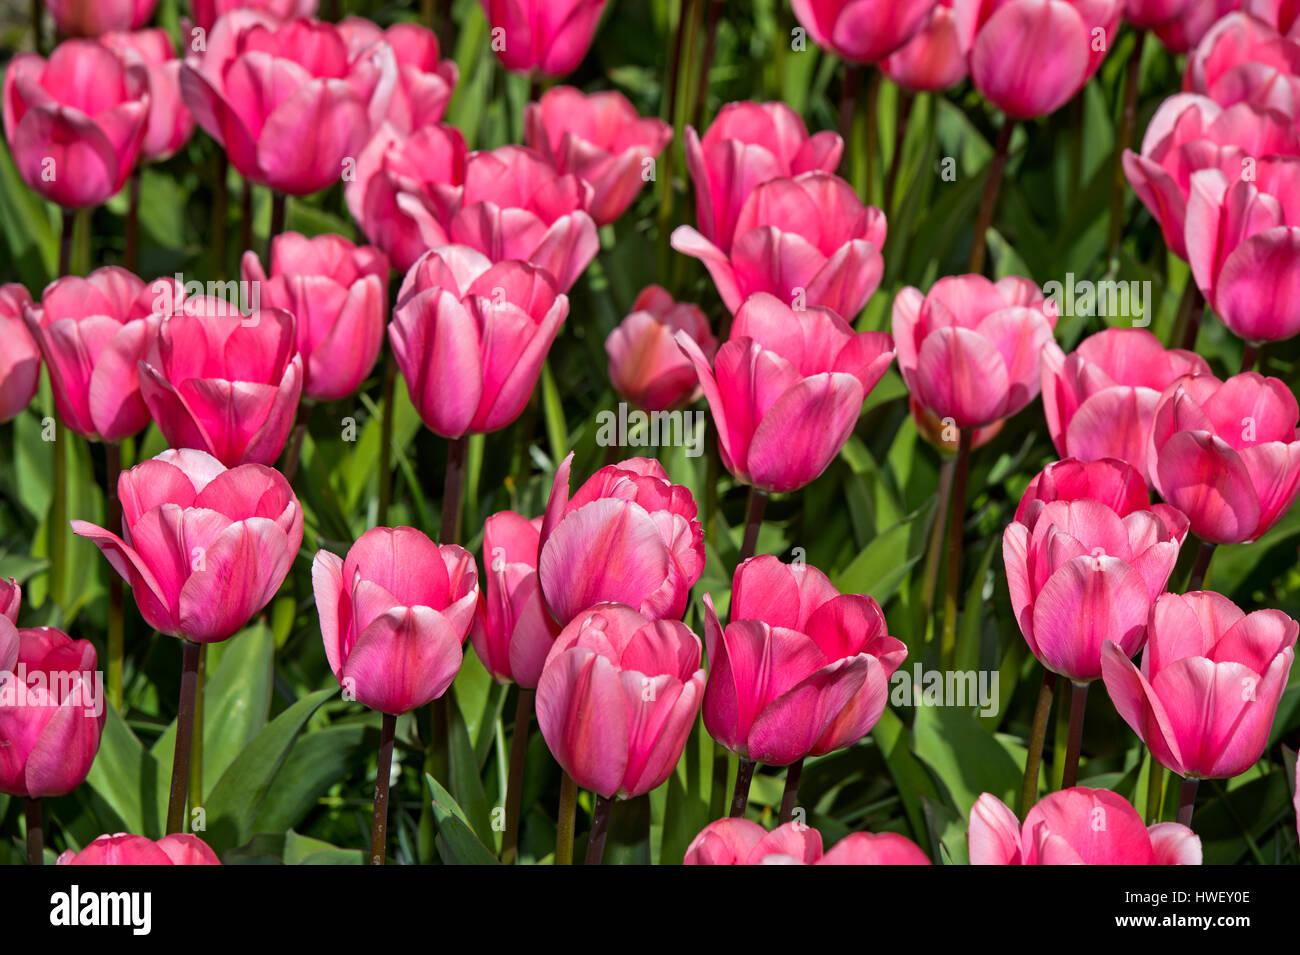 Pink Darwin Hybrid Tulips Love Me Tender, Keukenhof Flower Gardens, Lisse, Netherlands Stock Photo